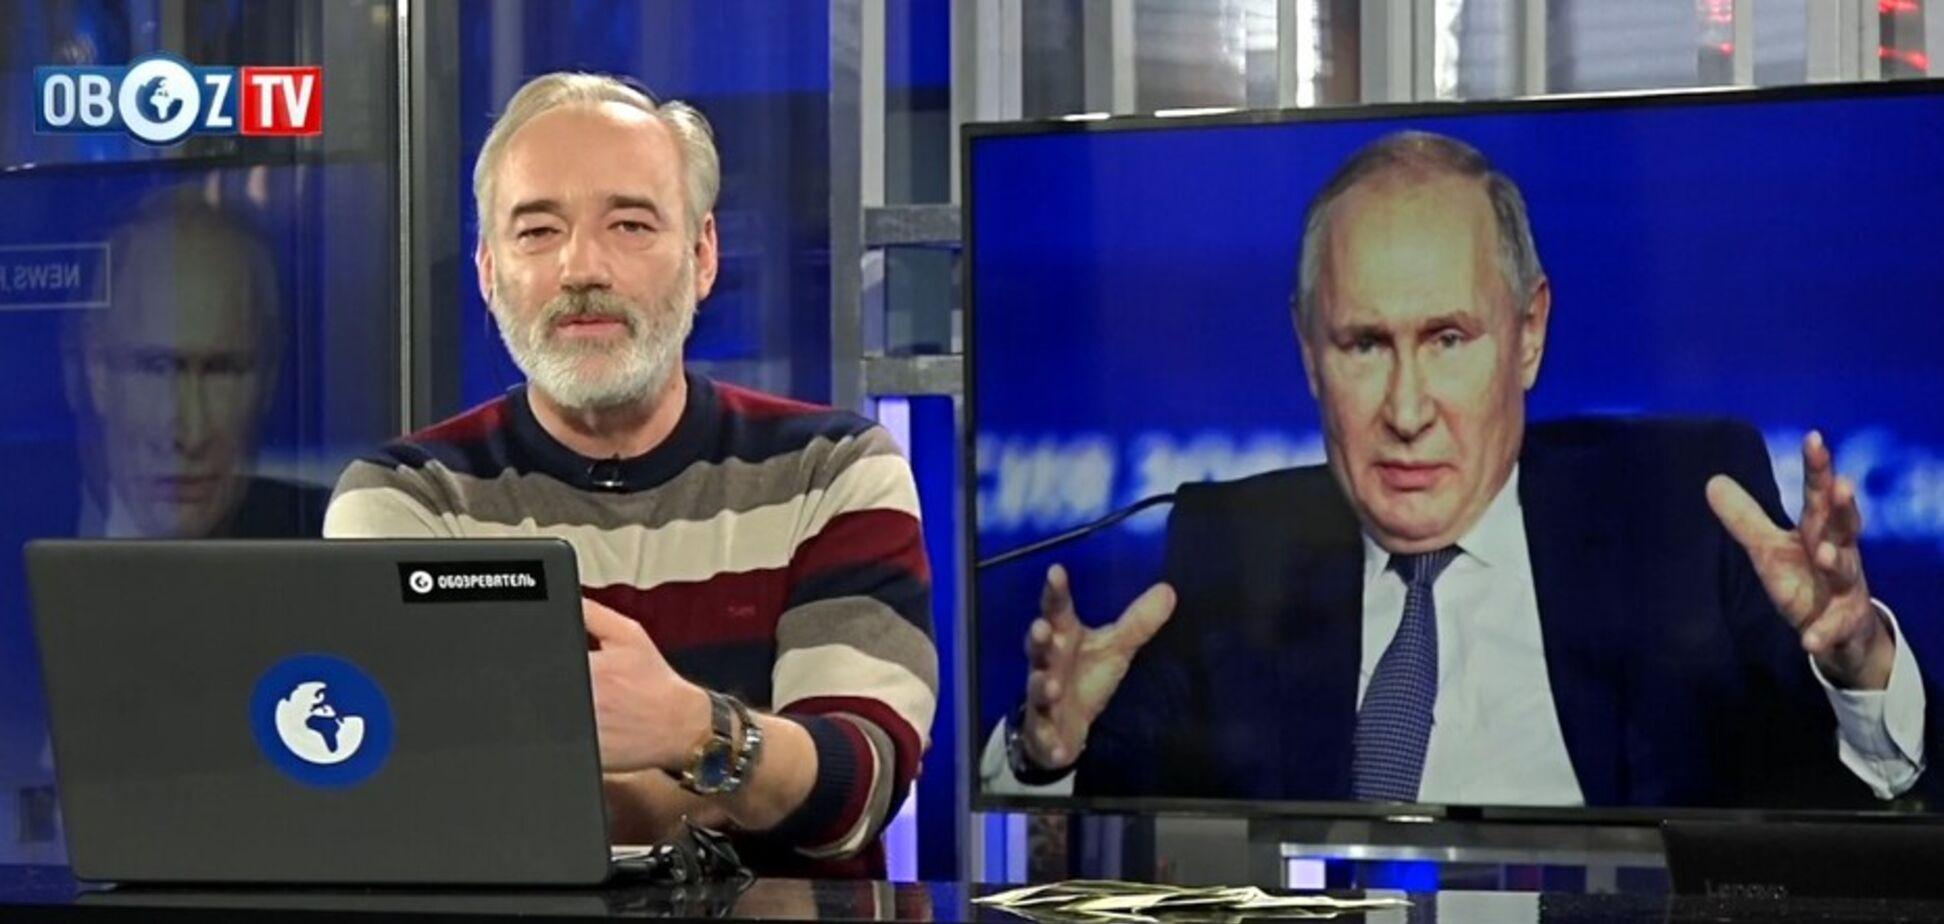 ПОРЄБРІК: росіяни 'випадково' зустрілися із Путіним на вулиці